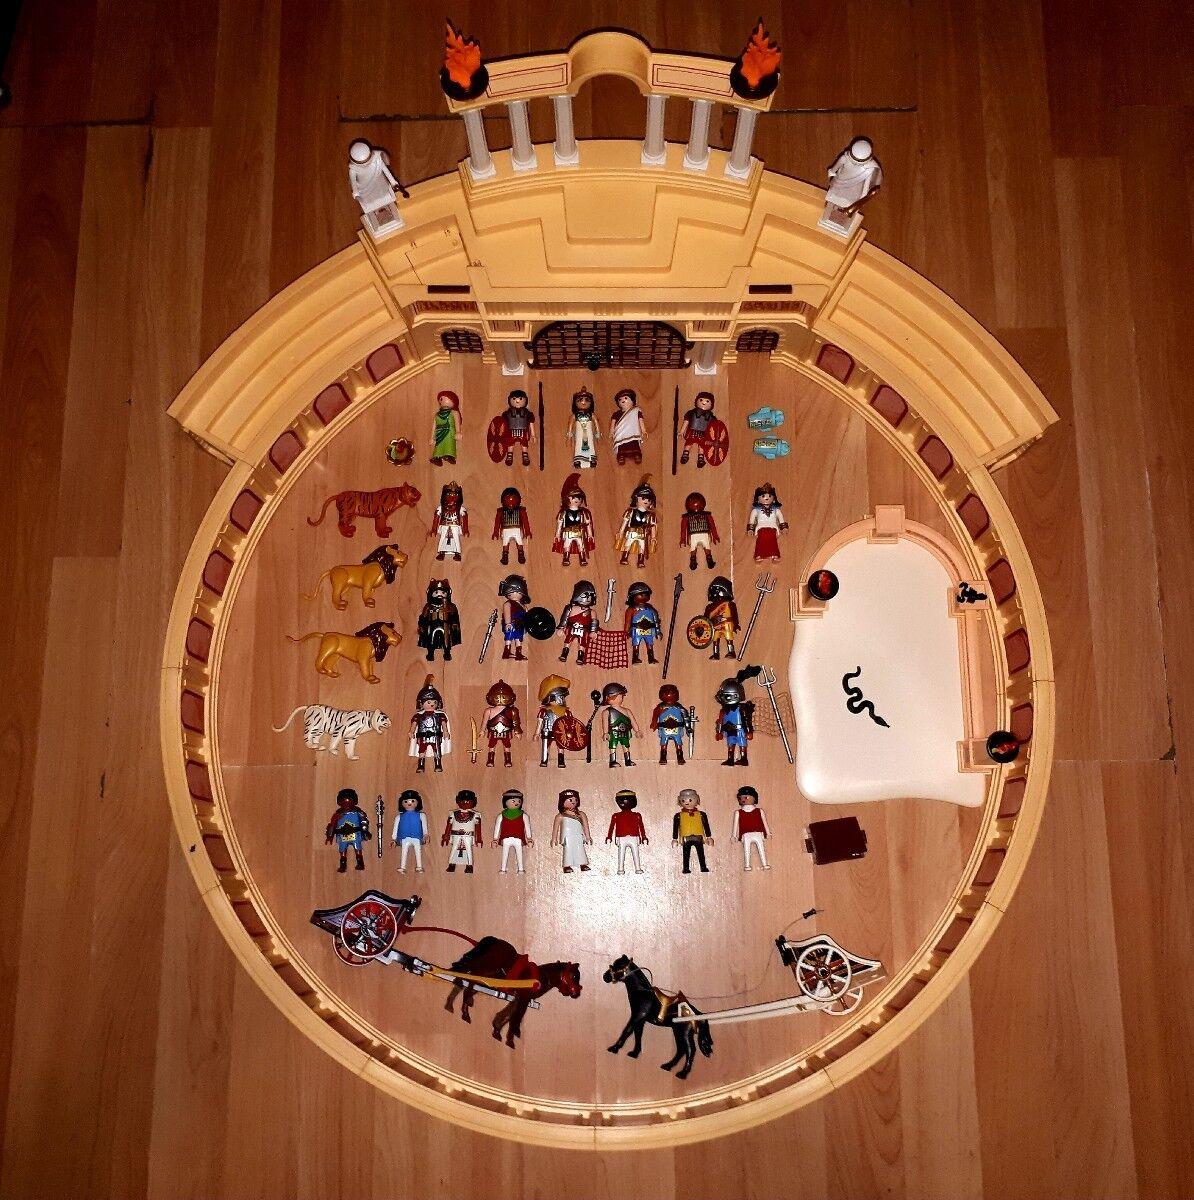 grandes ahorros Jugarmobil 4270 + 6868 6868 6868 +EXTRAS Circo Romano Coliseo Gladiadores Lote Roma Egipto  alta calidad general